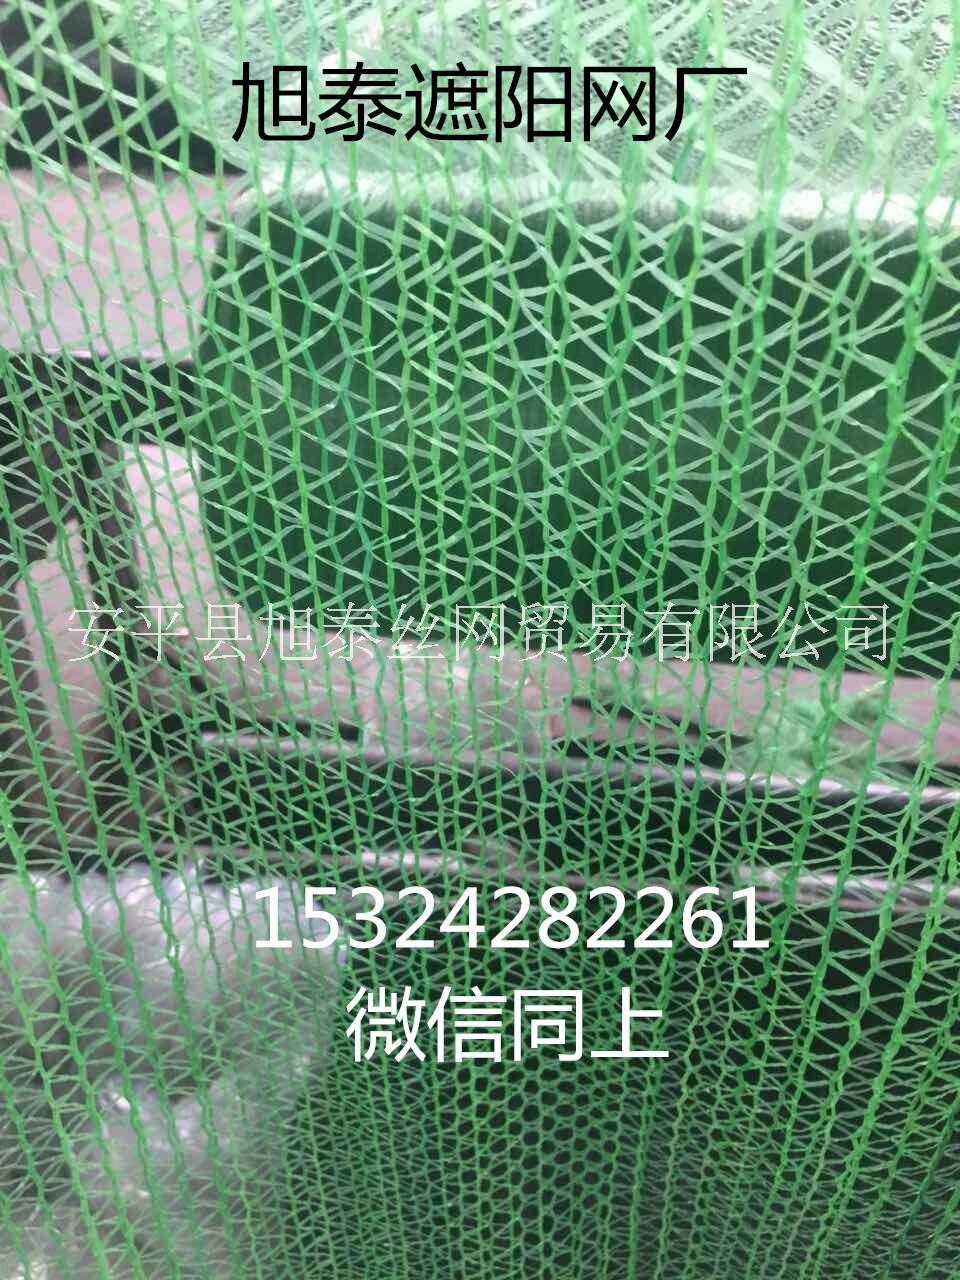 遮阳网图片/遮阳网样板图 (1)